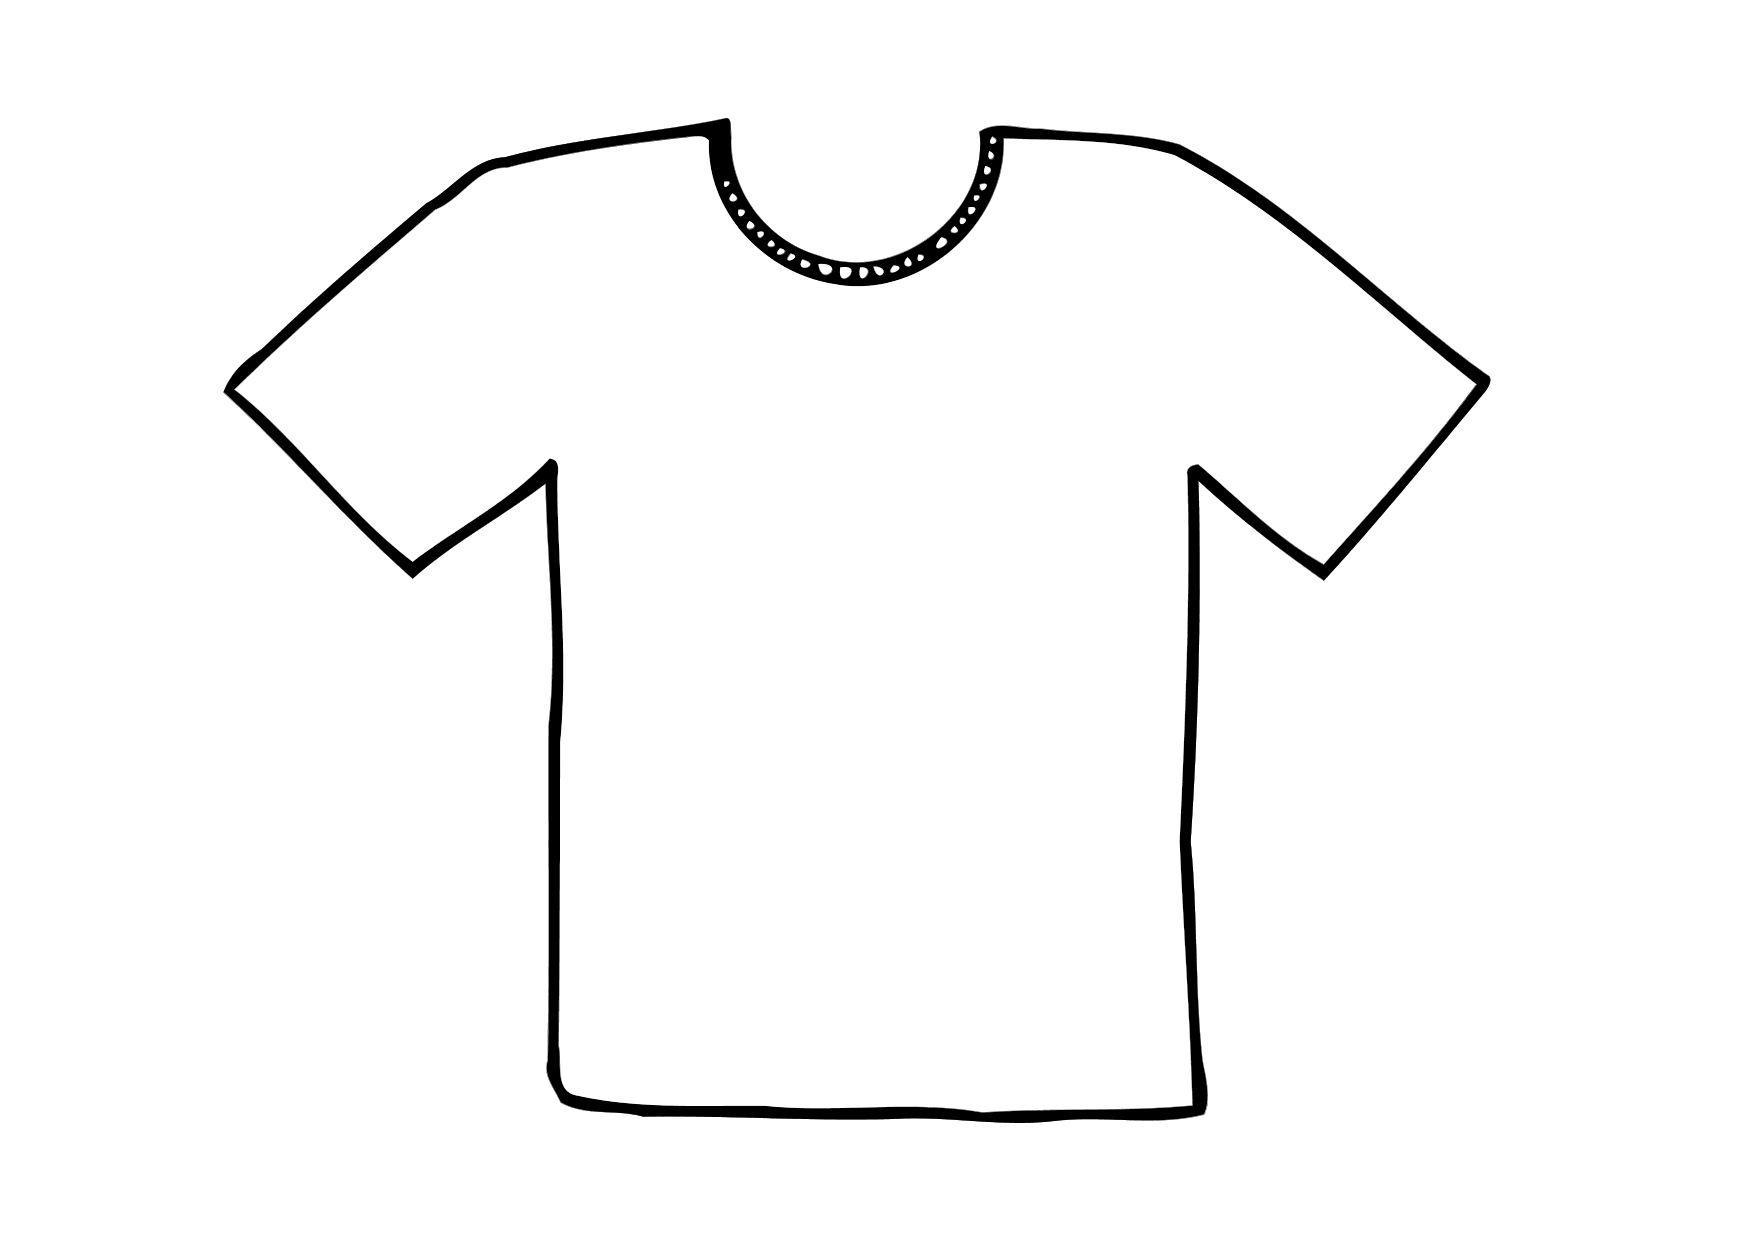 1750x1240 Clipart T Shirt Template Online Calendar Templates